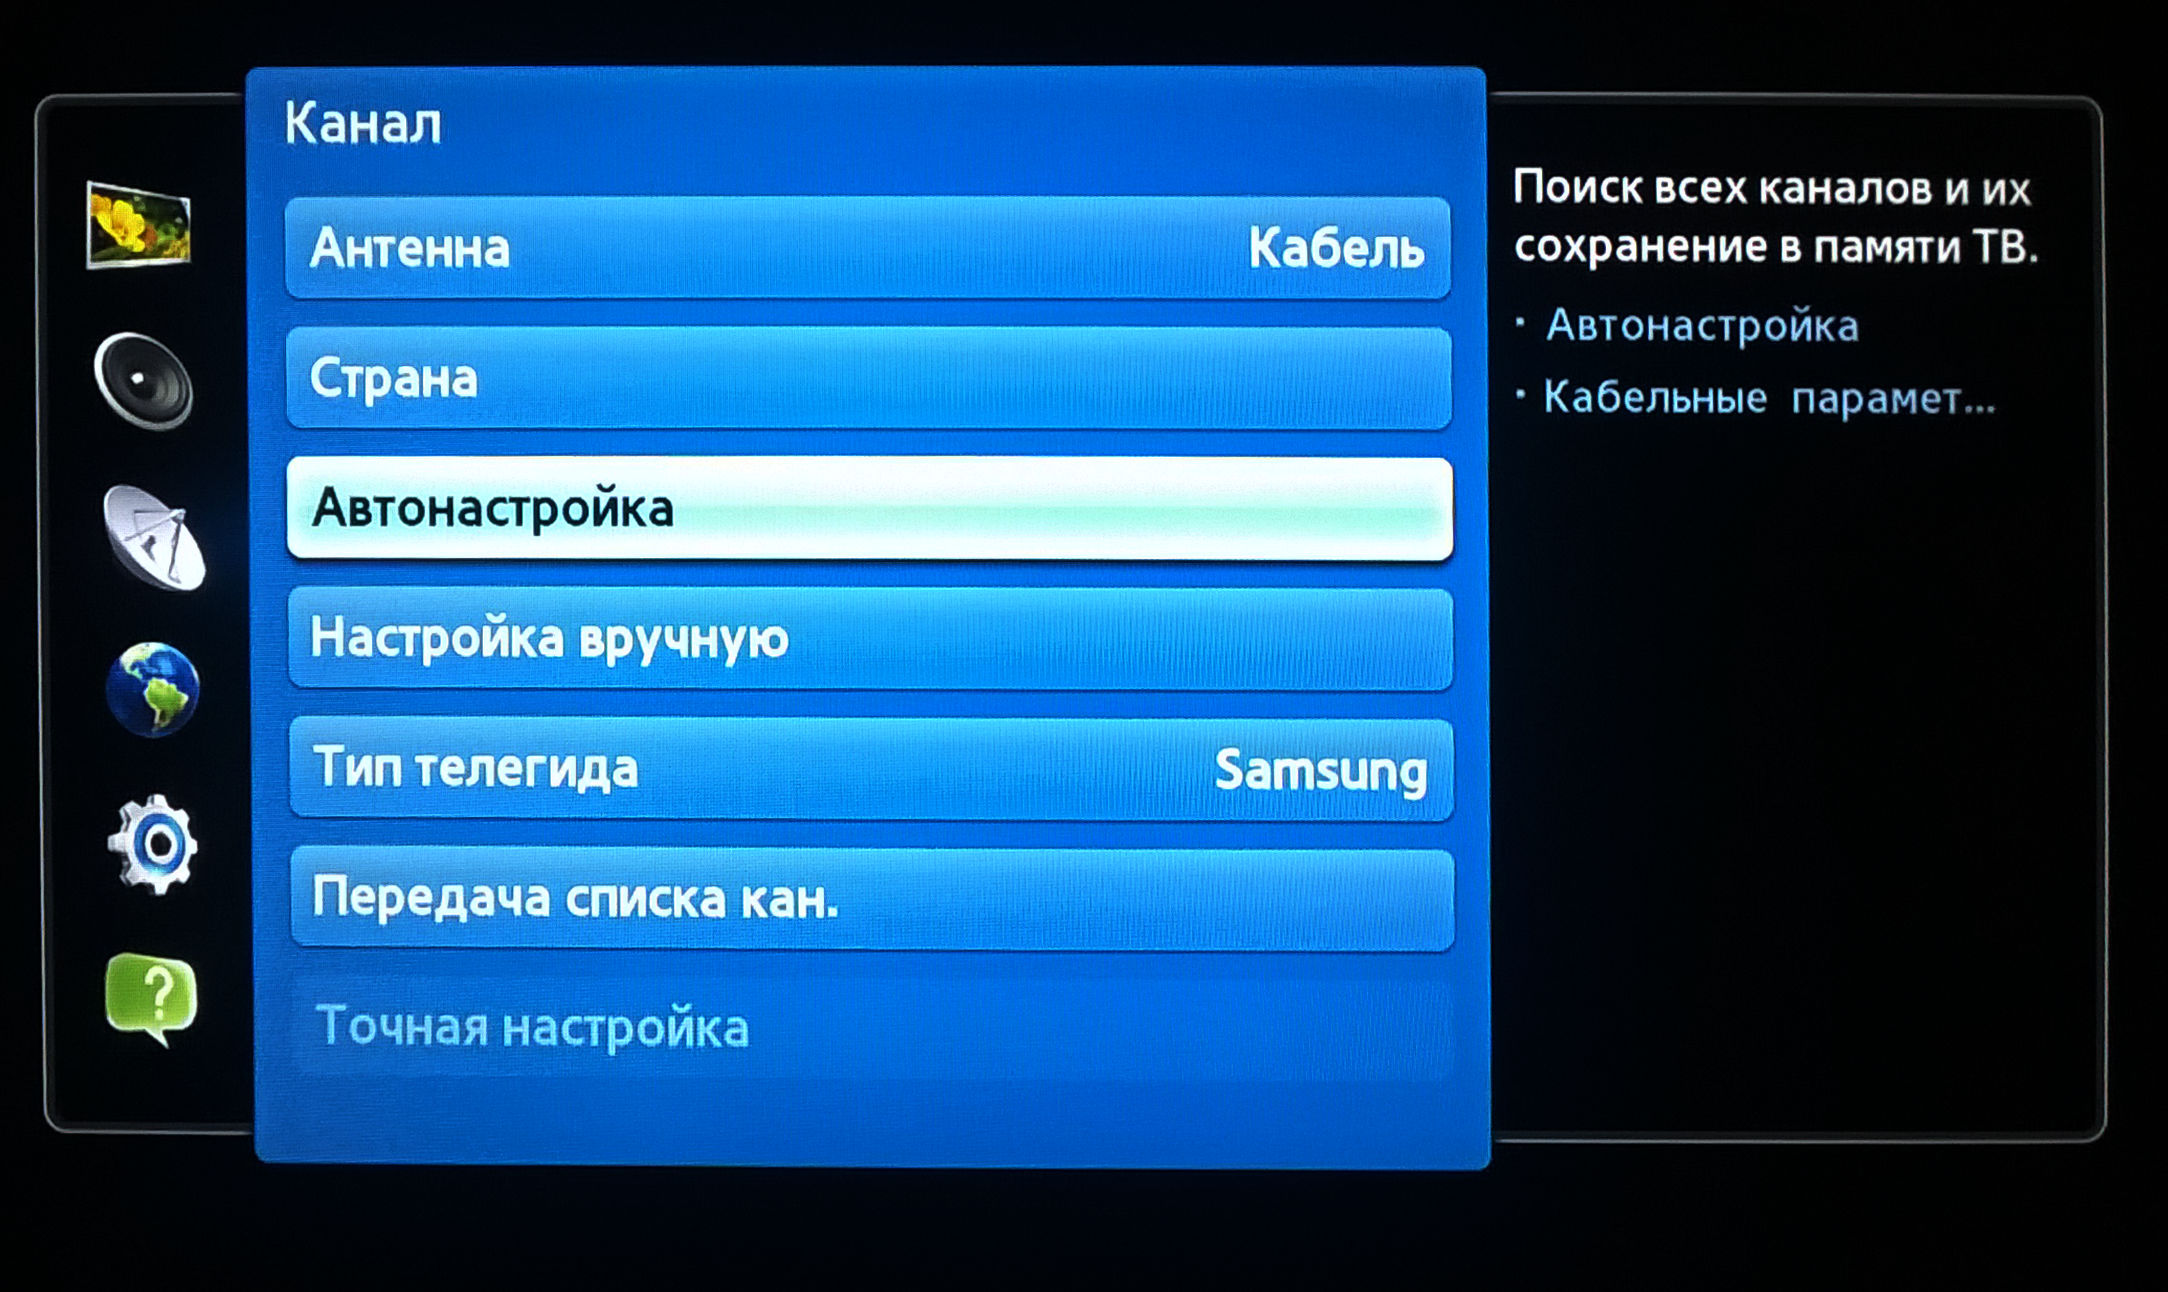 Настройка телевизора » ТВСАТ | ТВСАТ ЮГ | Кабельное ...